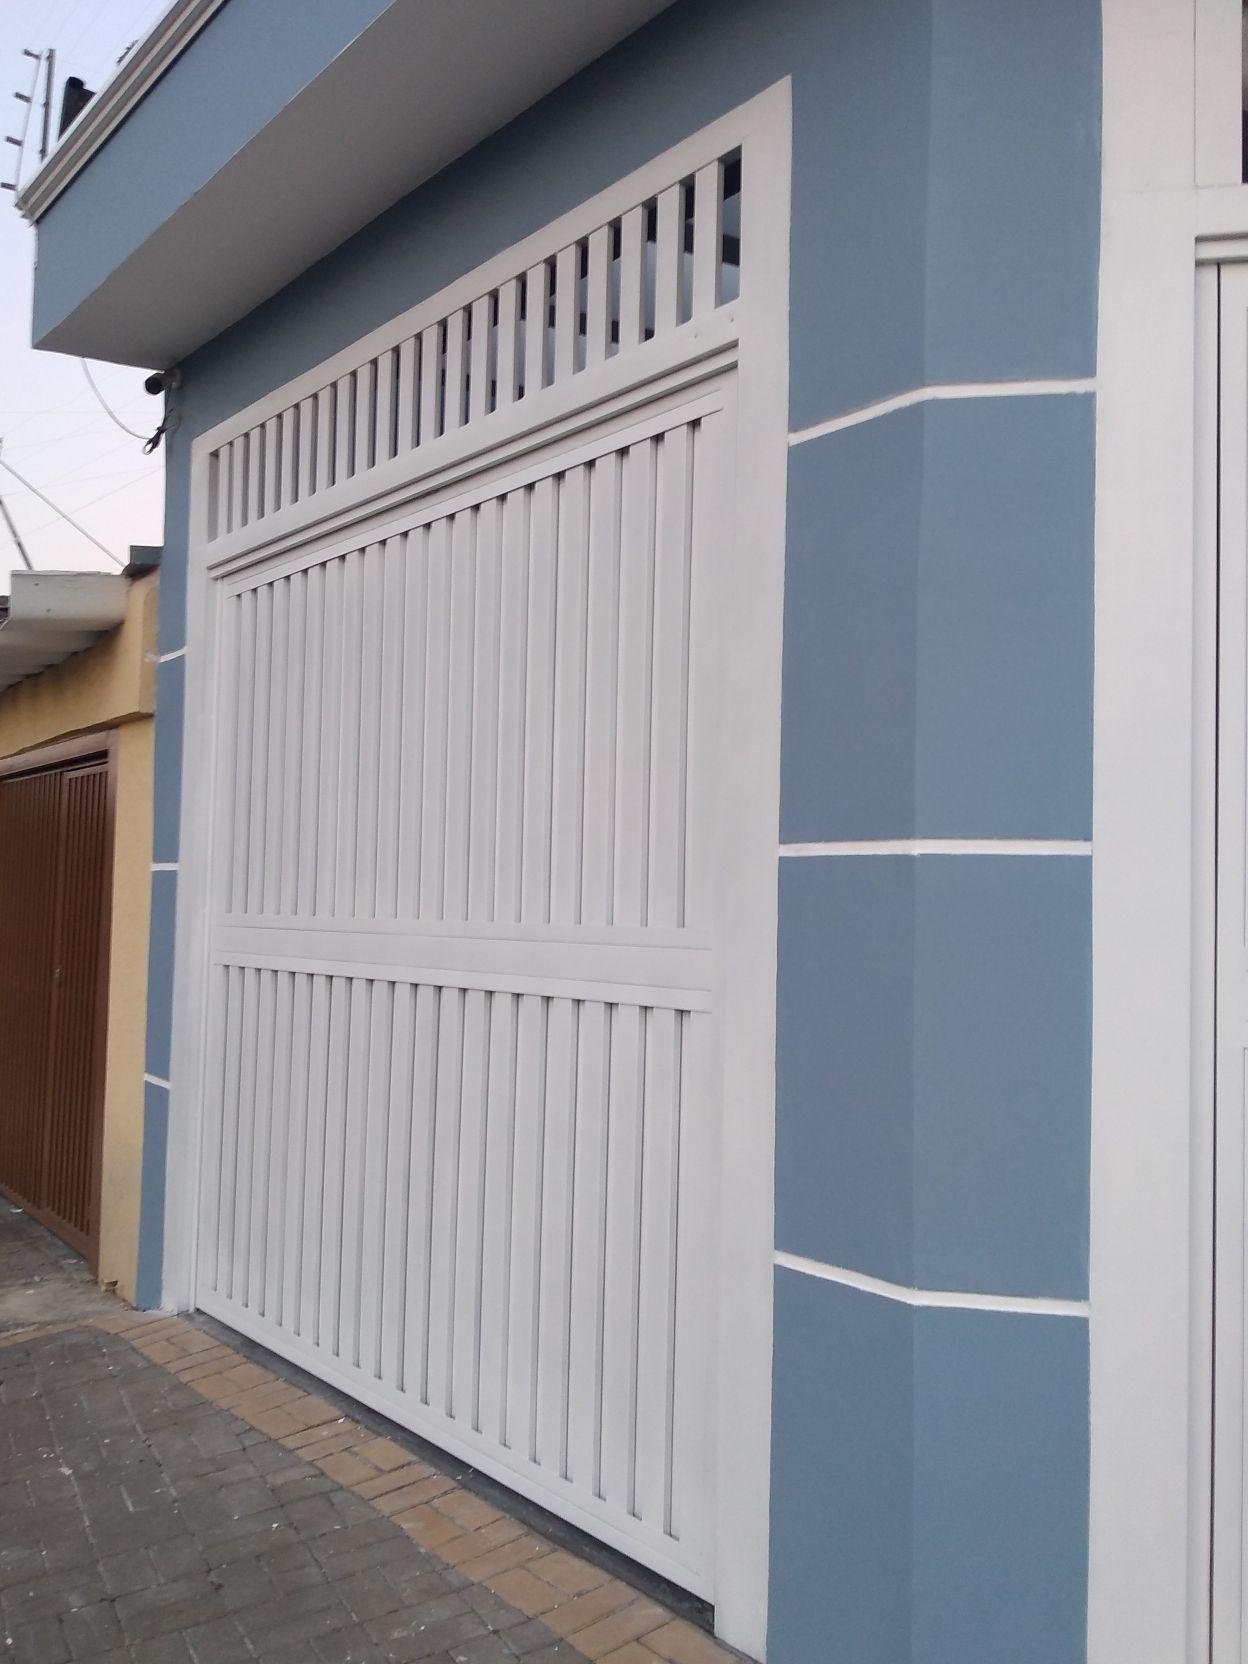 pintura externa e portão